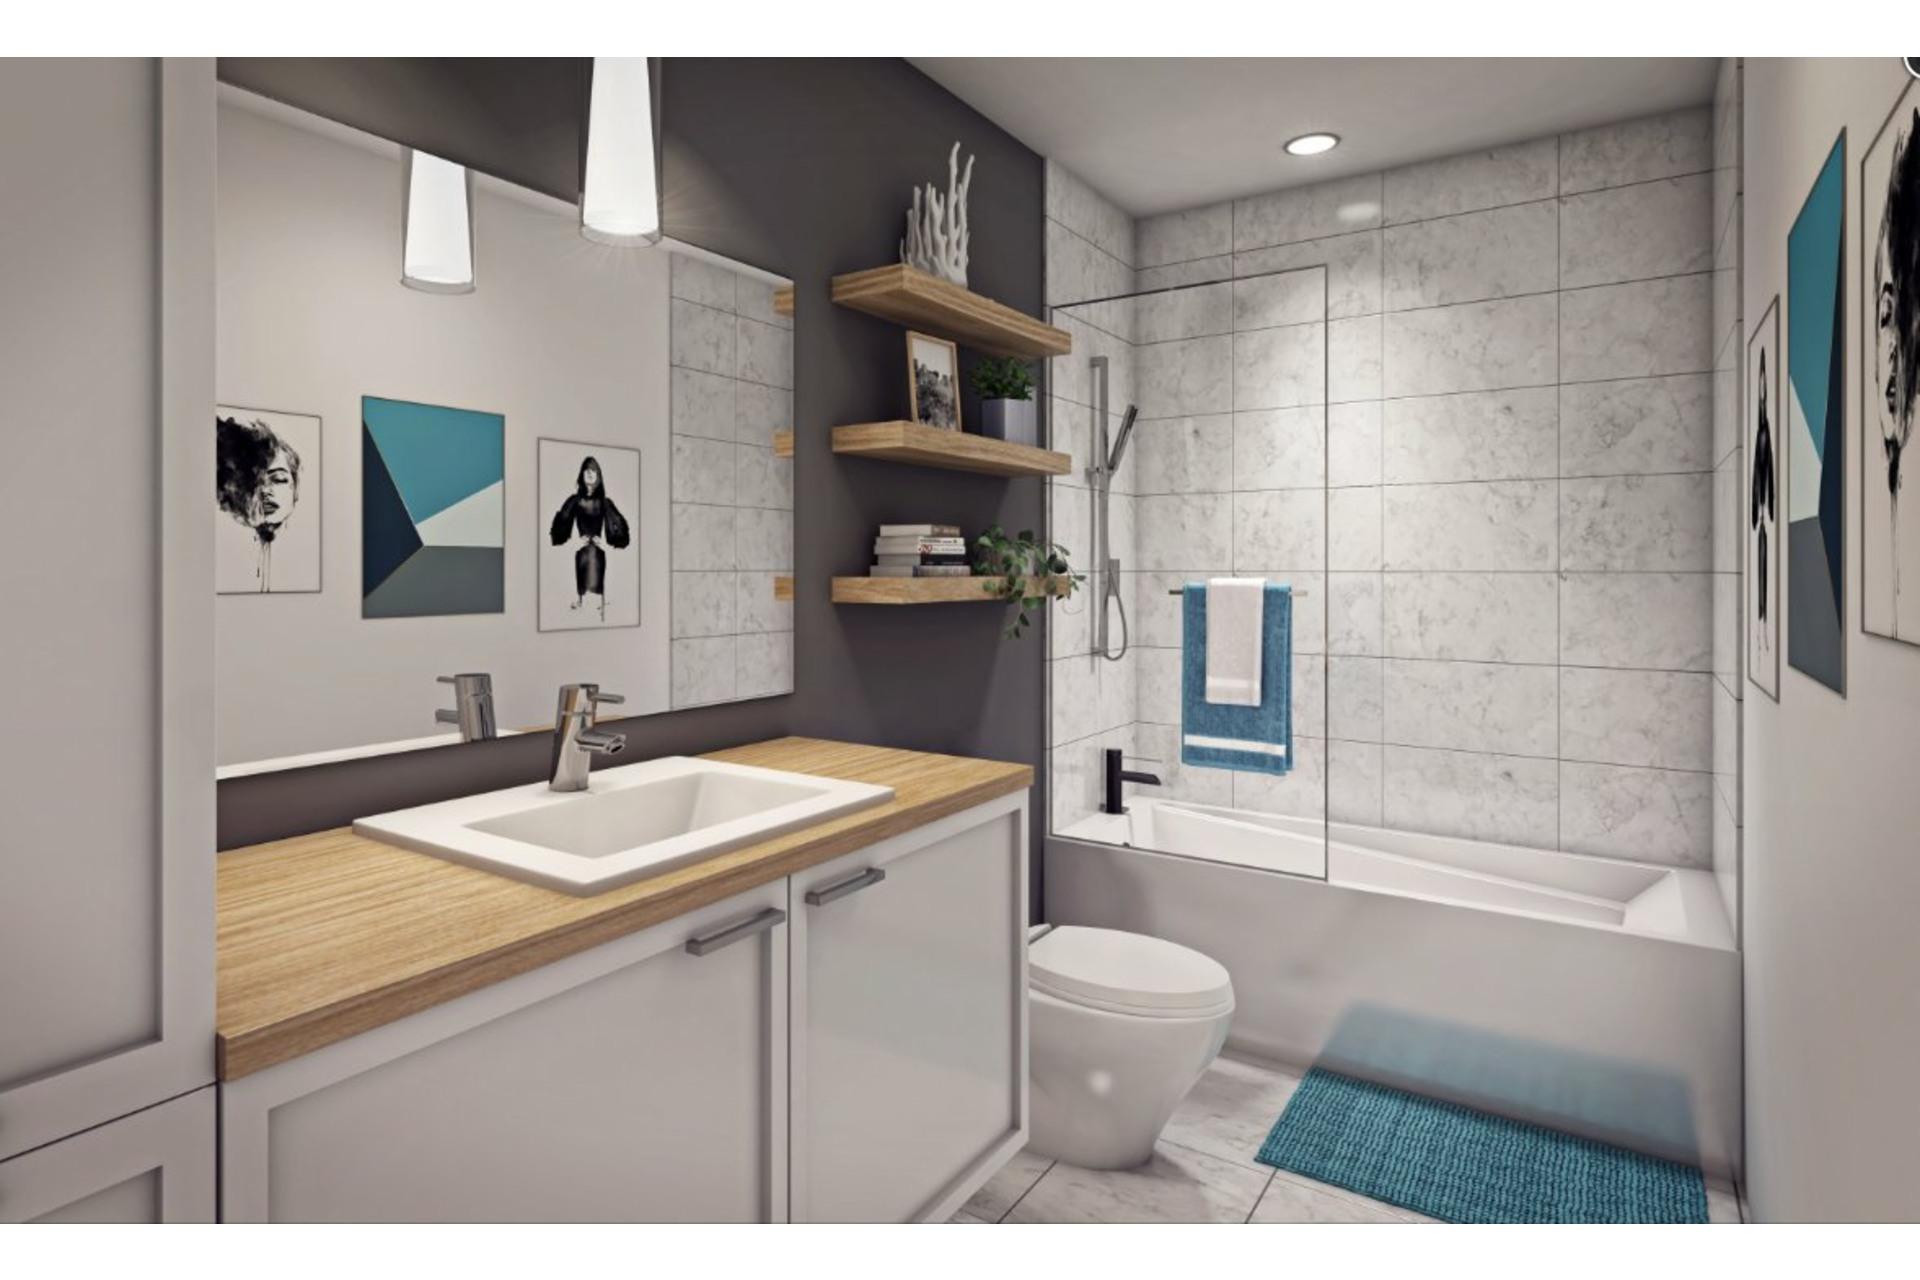 image 4 - Appartement À vendre Montréal Rosemont/La Petite-Patrie  - 6 pièces